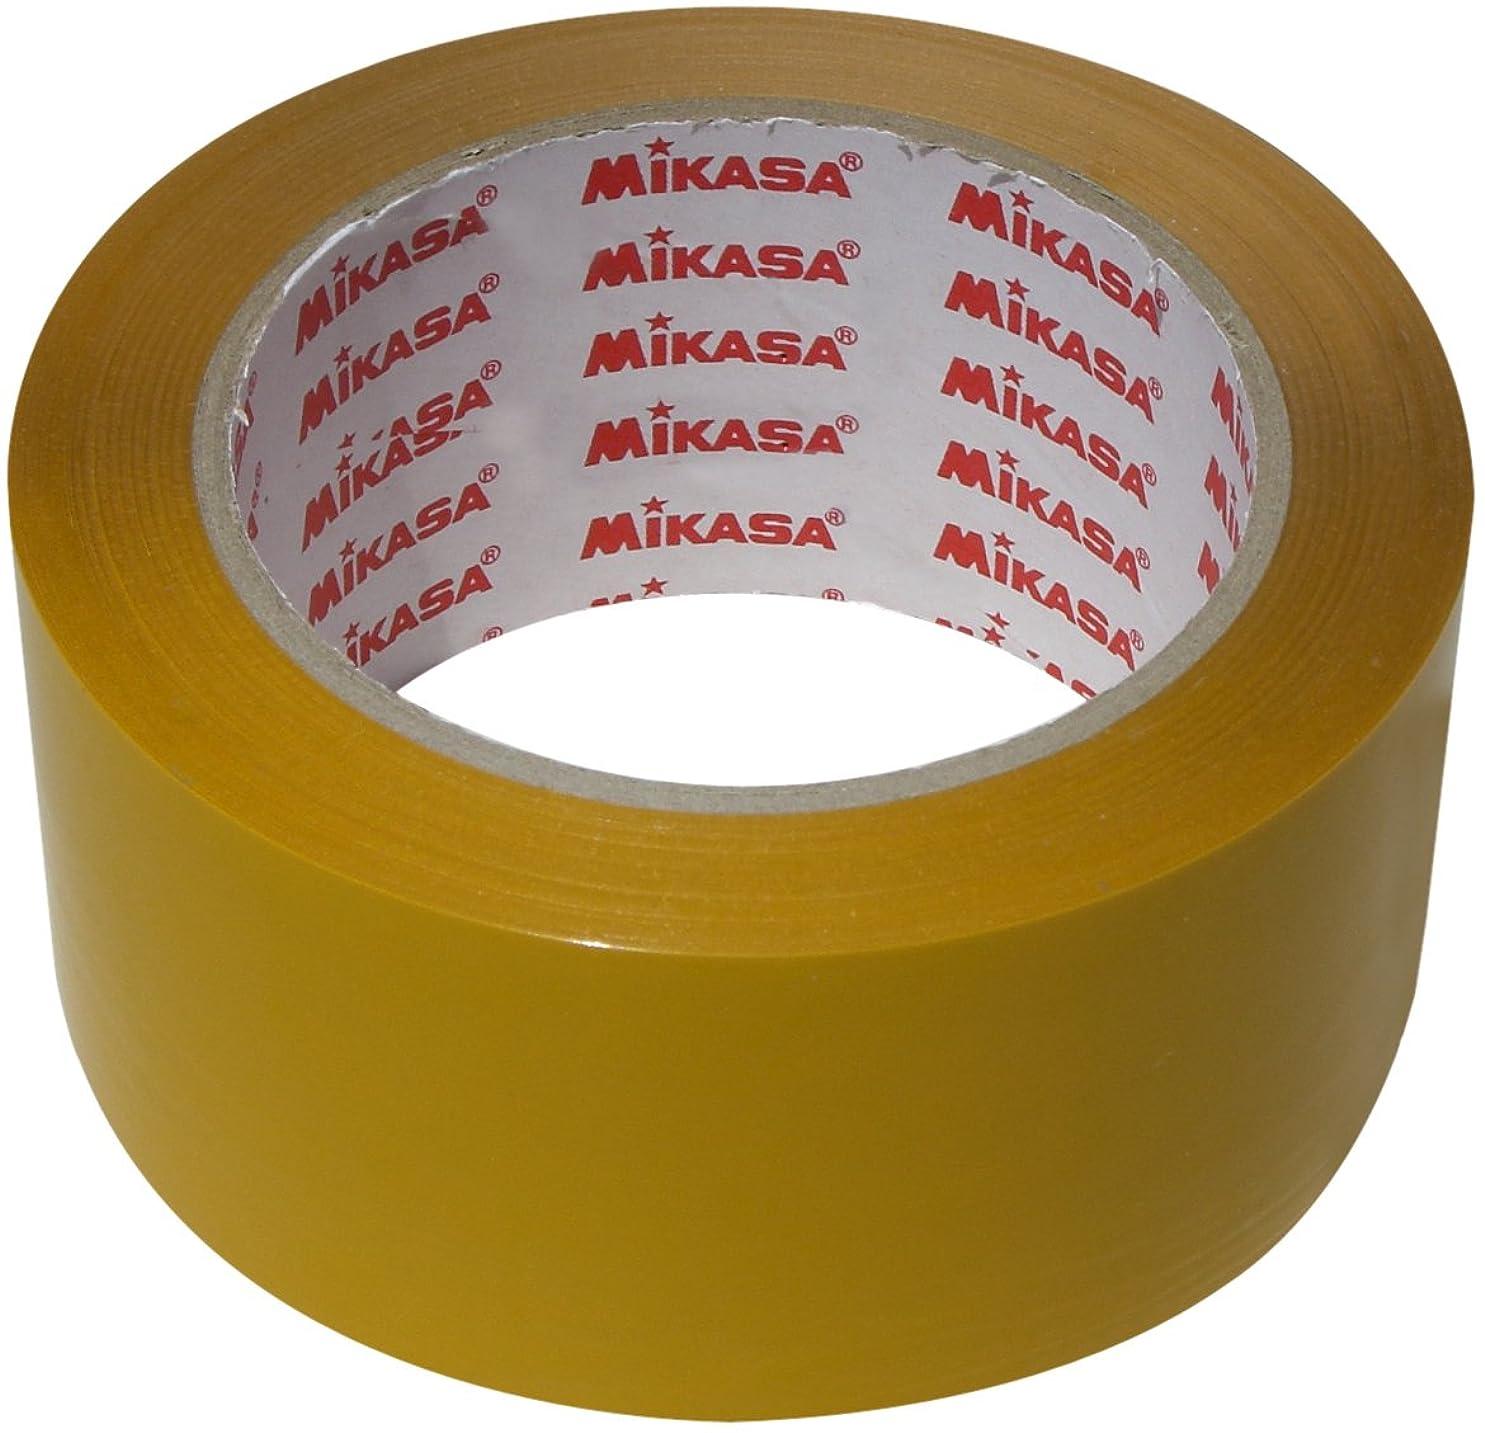 軍艦クラフトブロックするミカサ(MIKASA) ラインテープ